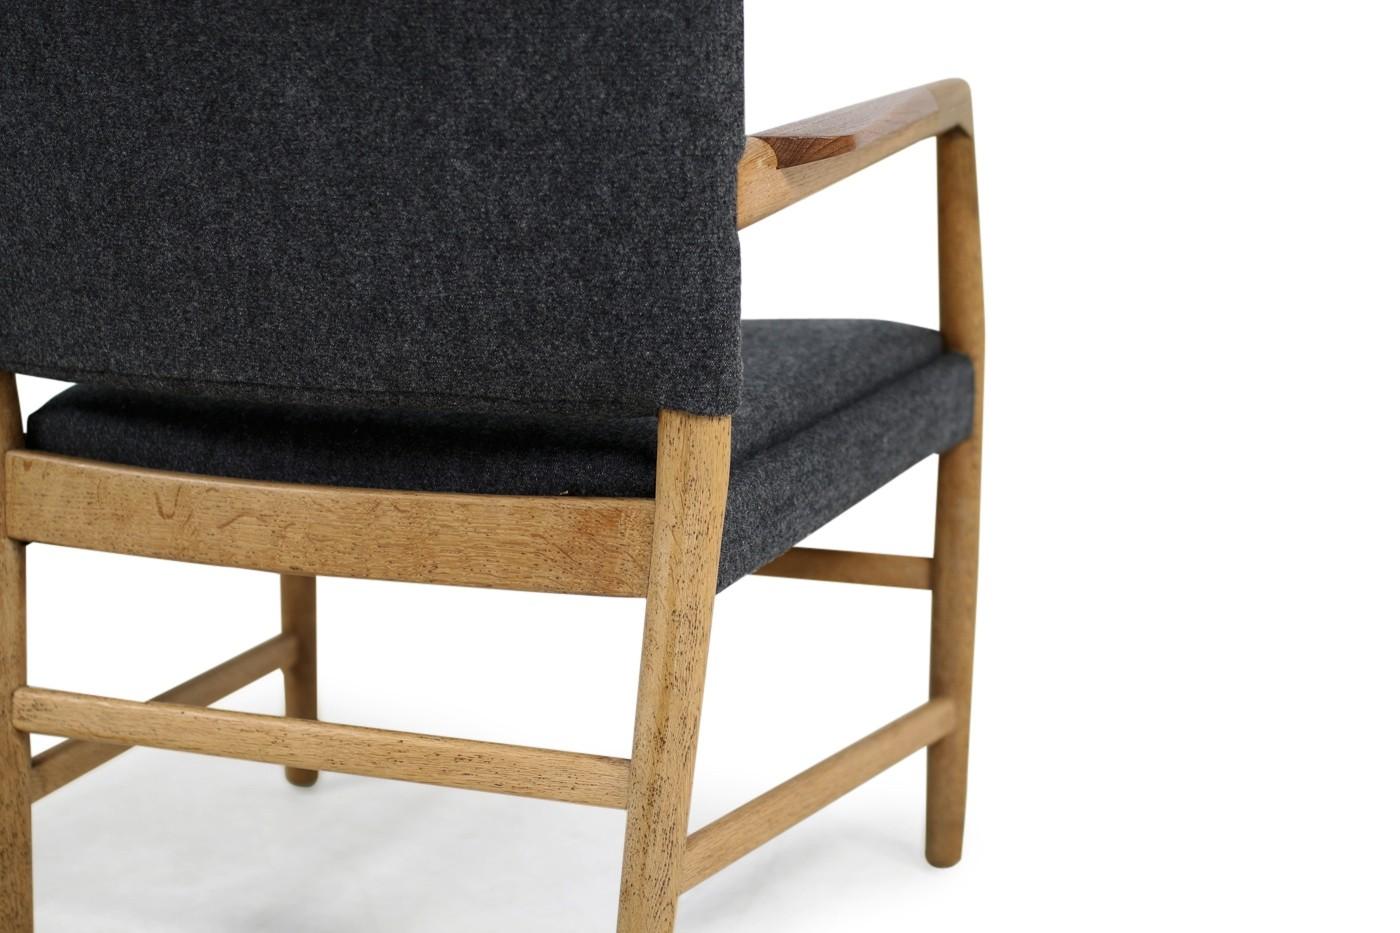 hans wegner stuhl. Black Bedroom Furniture Sets. Home Design Ideas